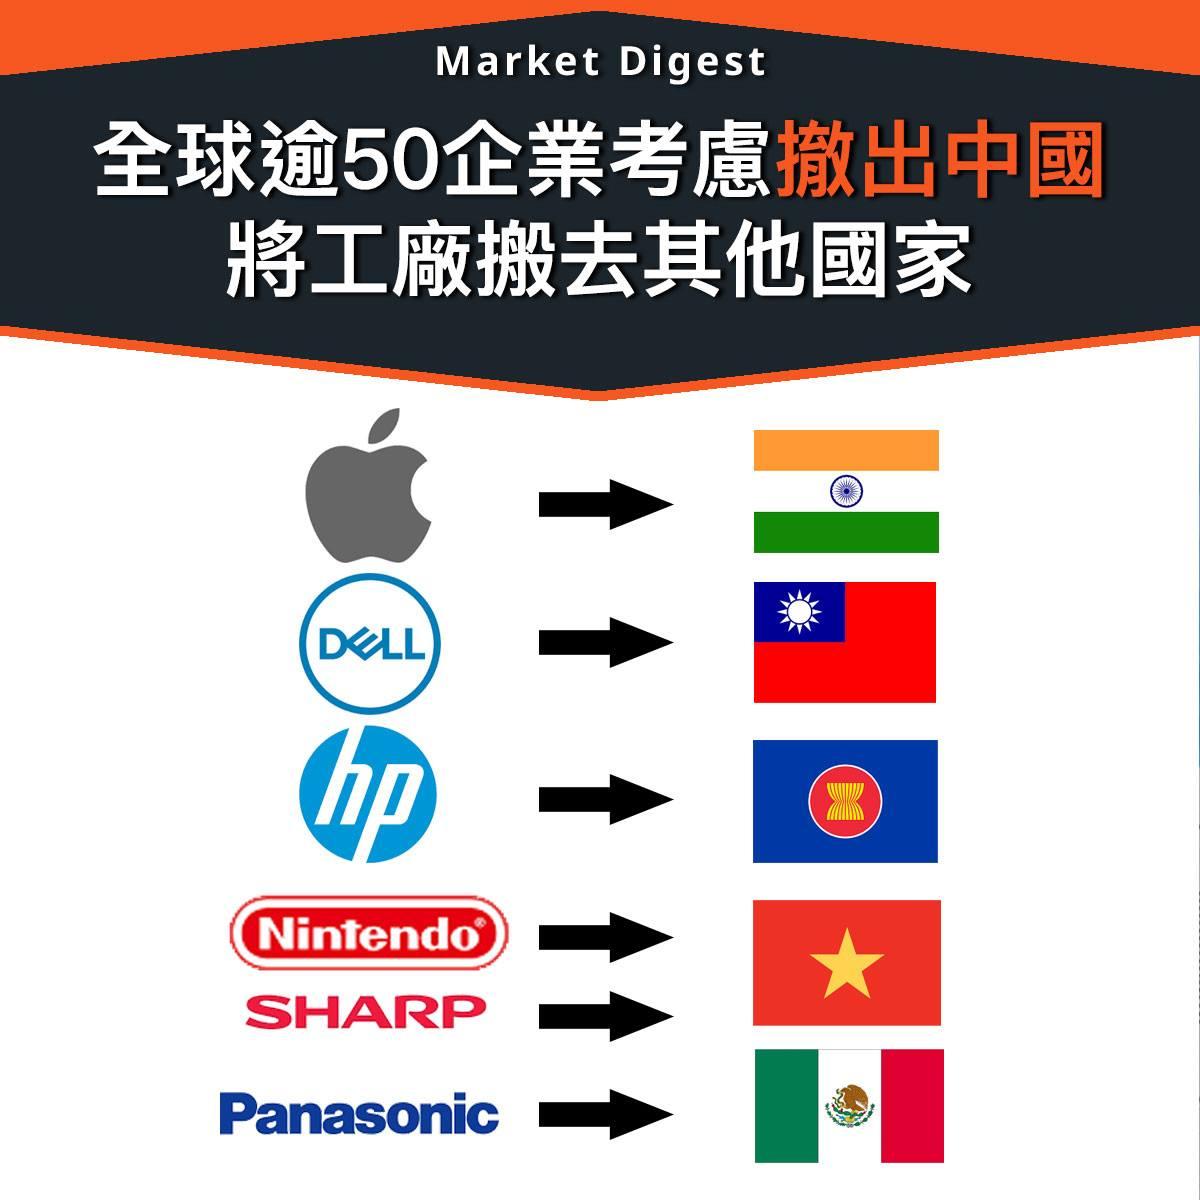 【中美貿戰】全球逾50企業考慮撤出中國 將工廠搬去其他國家